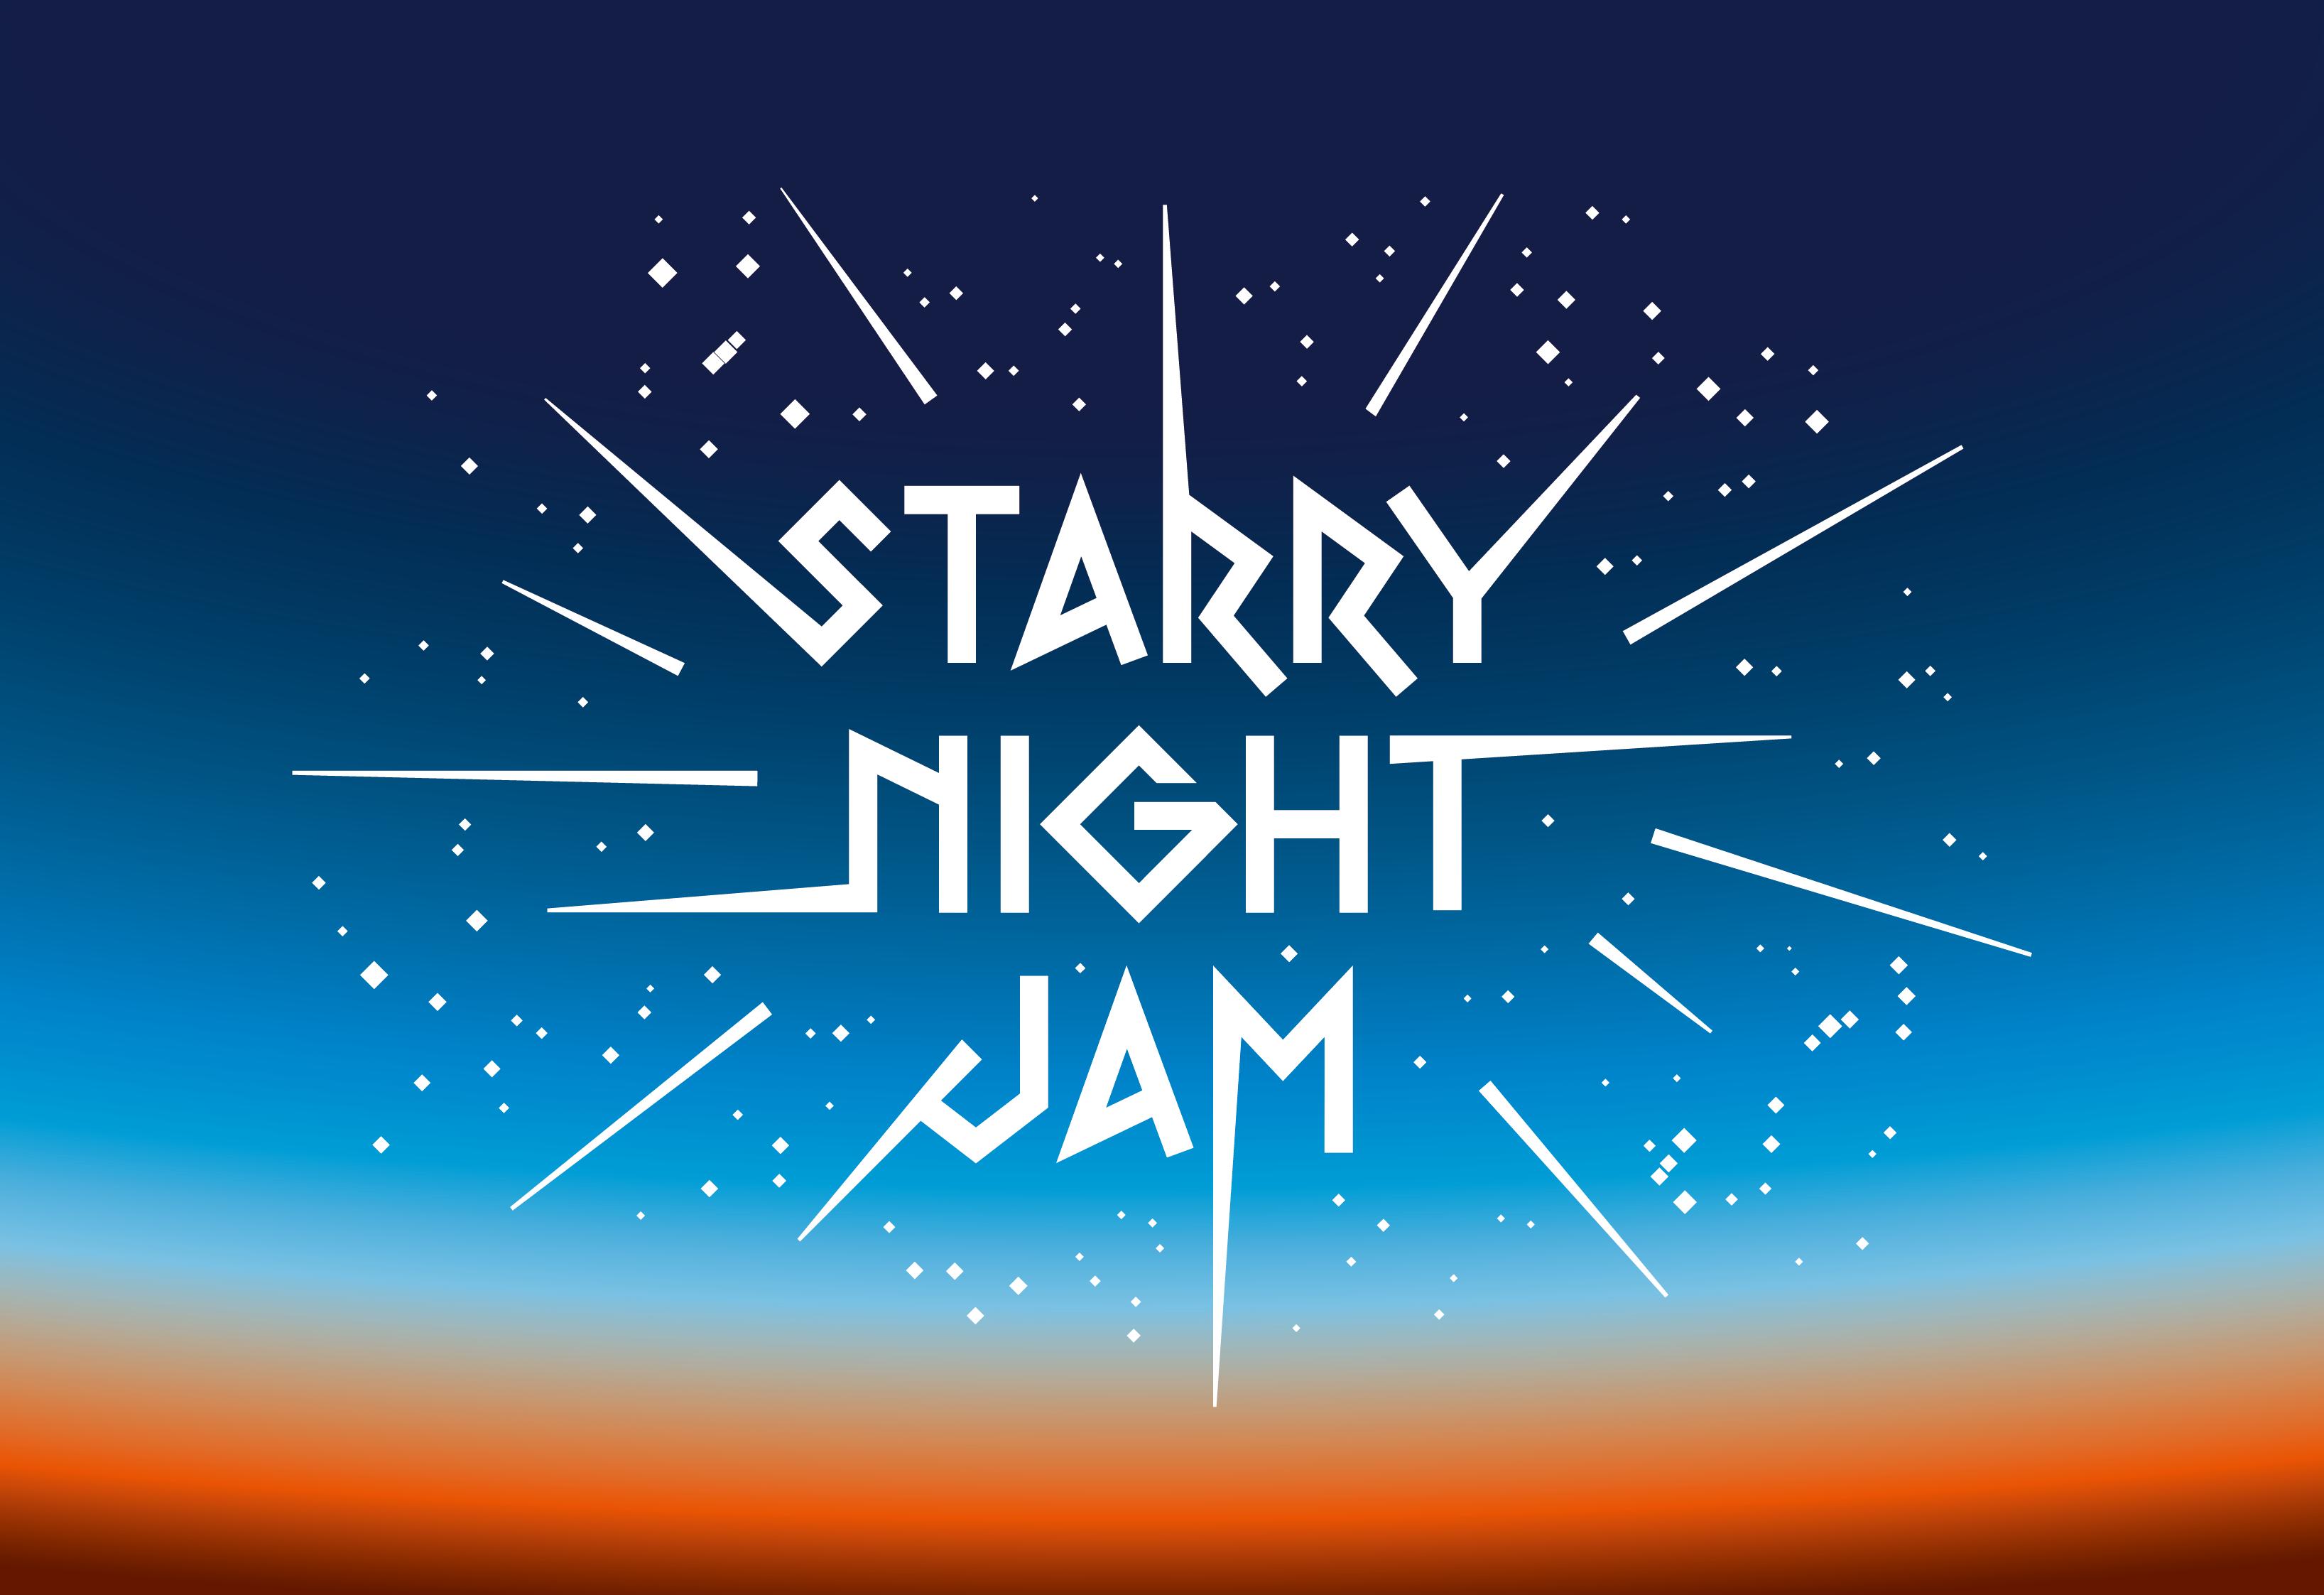 ドームシアターイベント starry night jam ドームシアター 福岡市